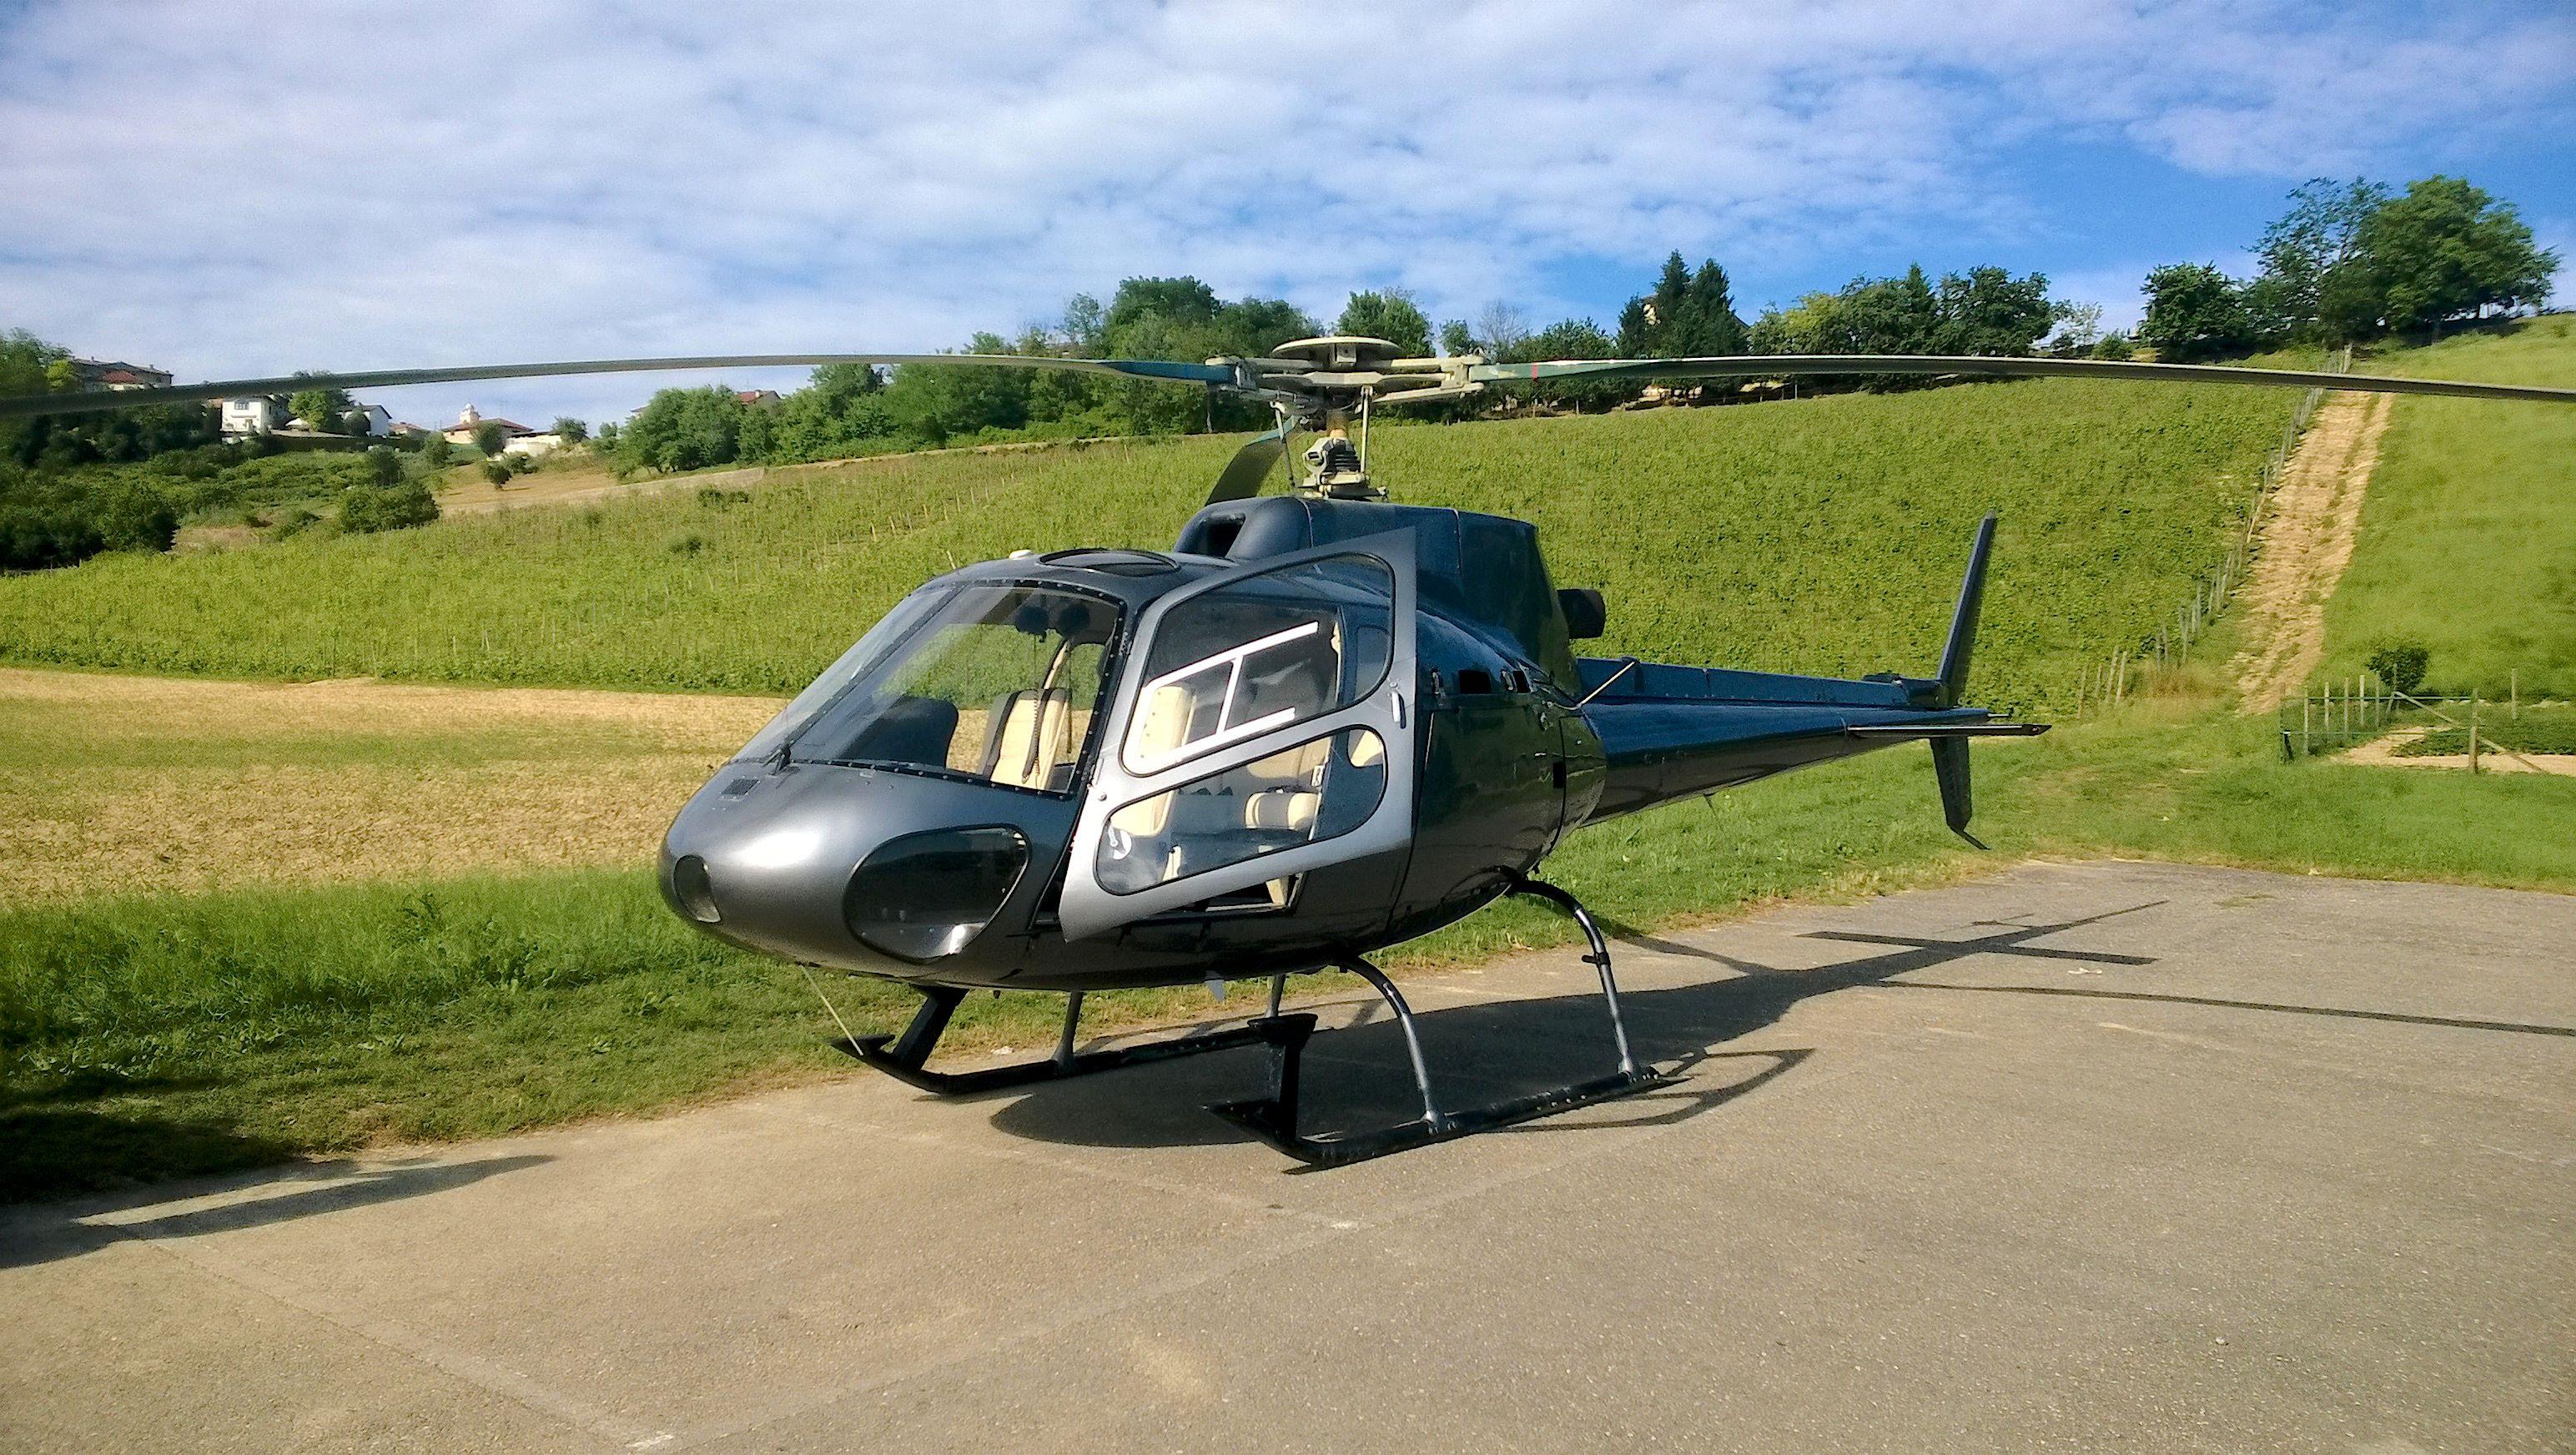 Elicottero 350 : File:aérospatiale as350 Écureuil f hfpp.jpg wikimedia commons